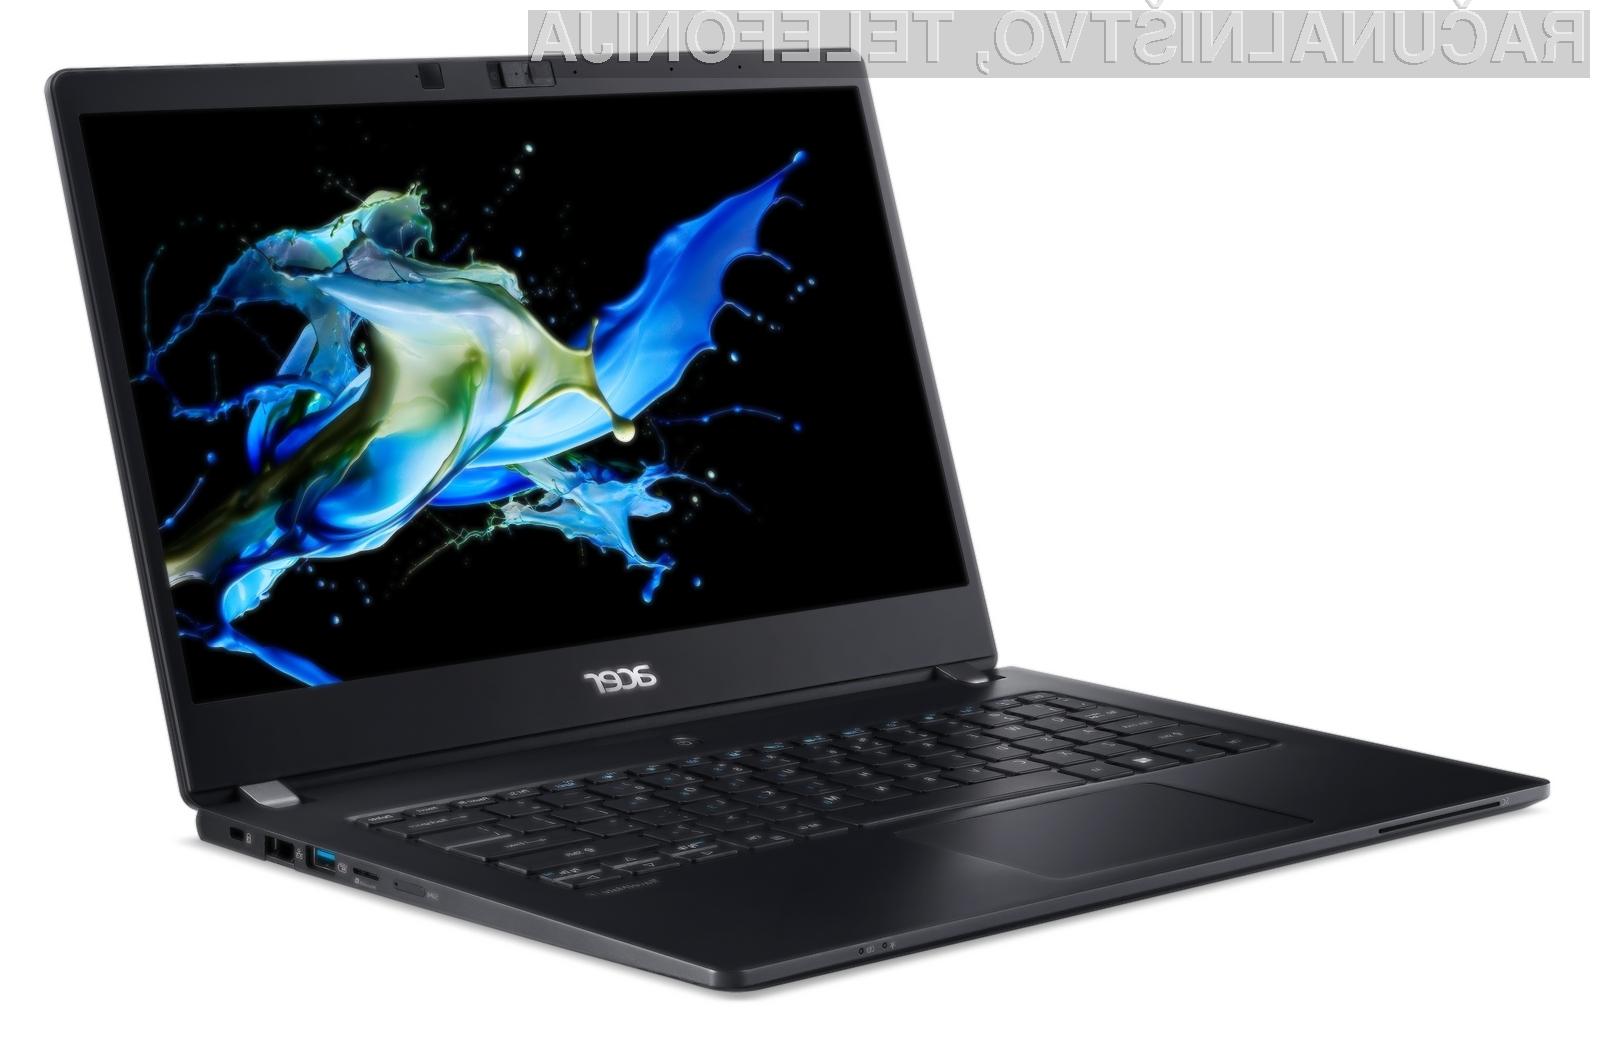 Kompaktni prenosni računalnik Acer TravelMate P6 bo zlahka kos tudi najzahtevnejšim nalogam.